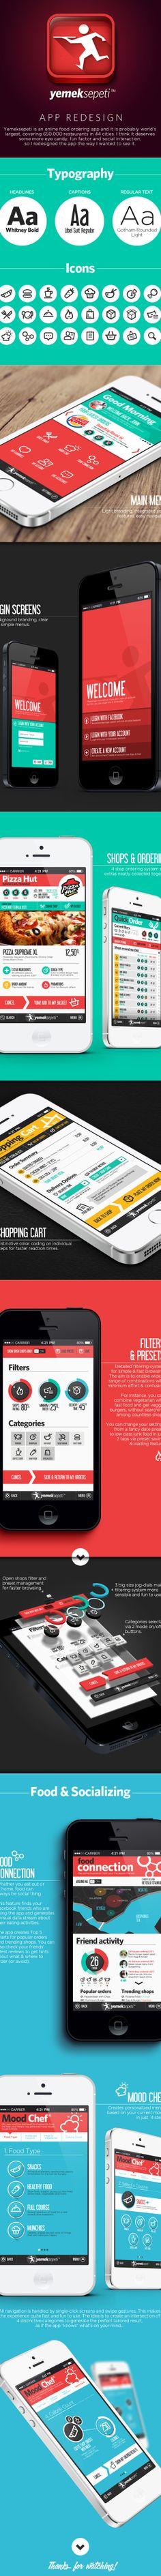 Yemeksepeti / Food Delivery App. Redesign by Ufuk Cetincan, via Behance